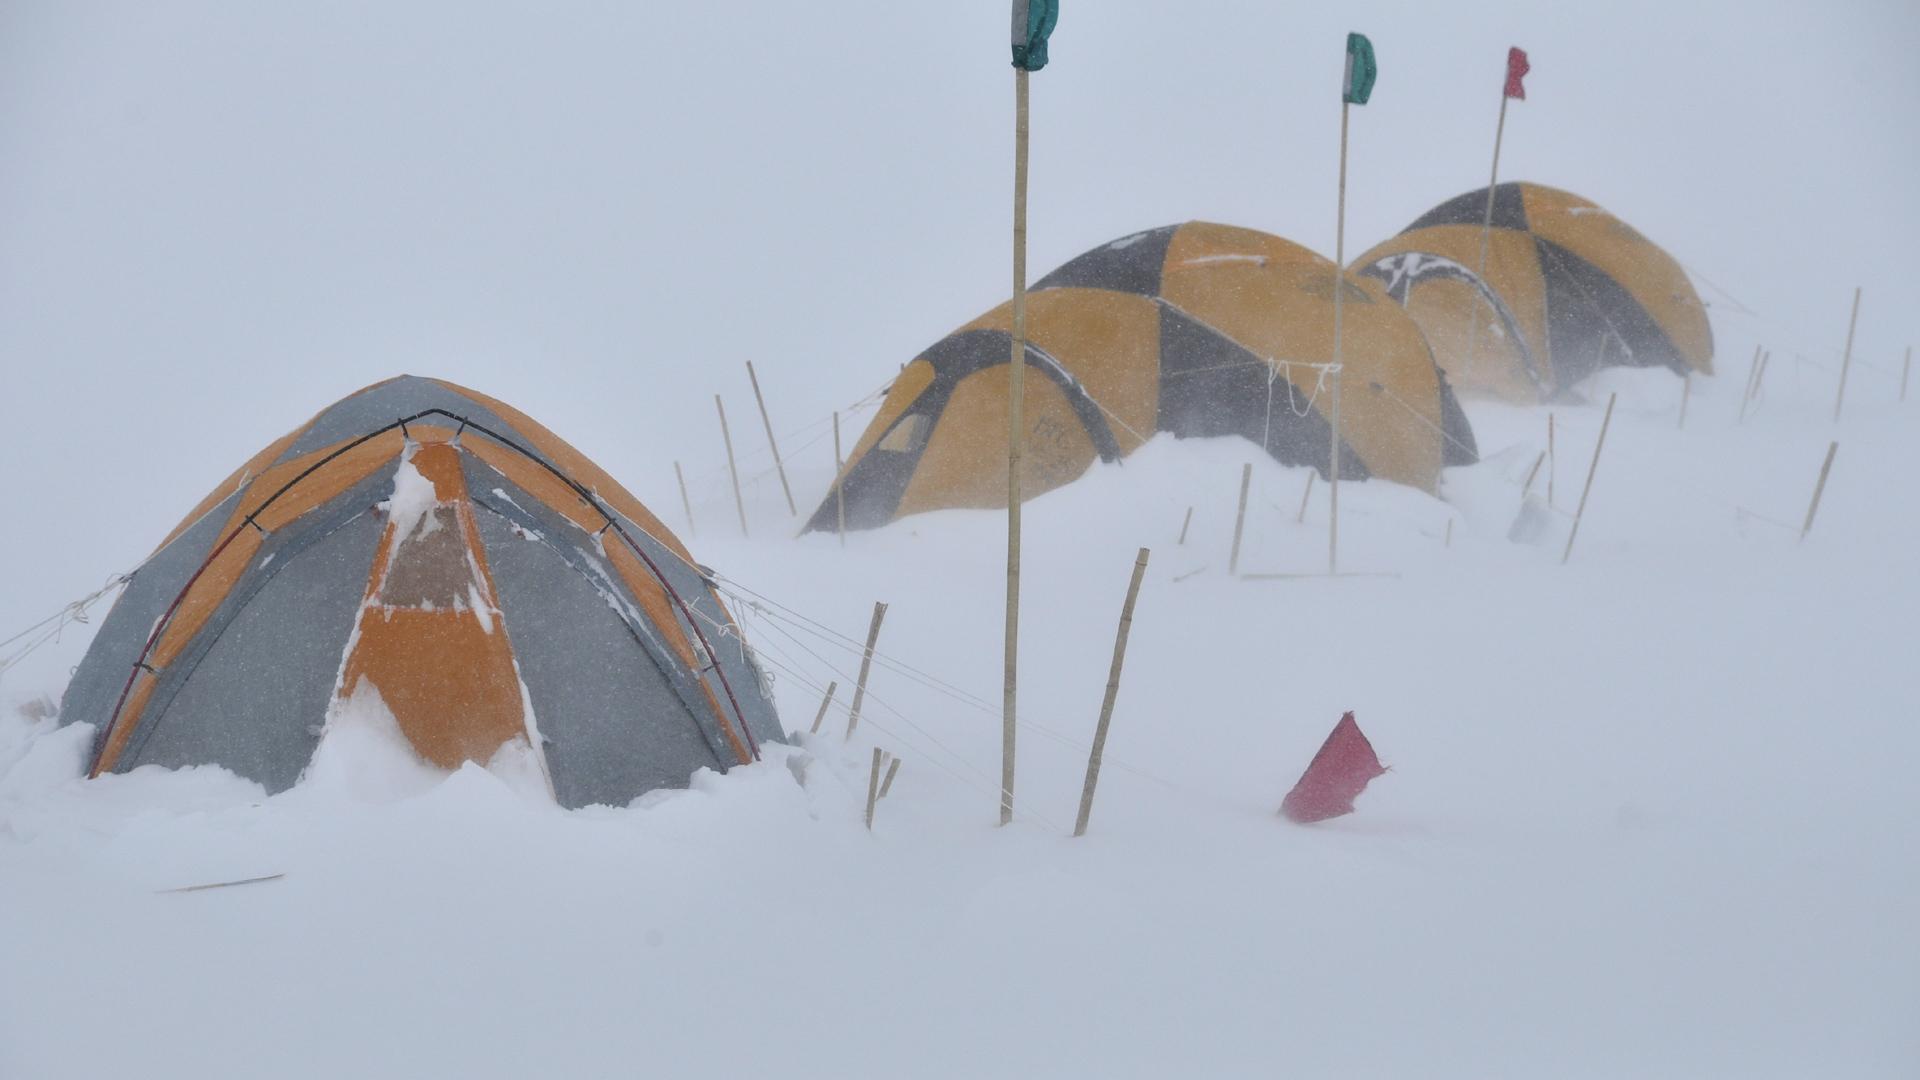 Šatori u snegu